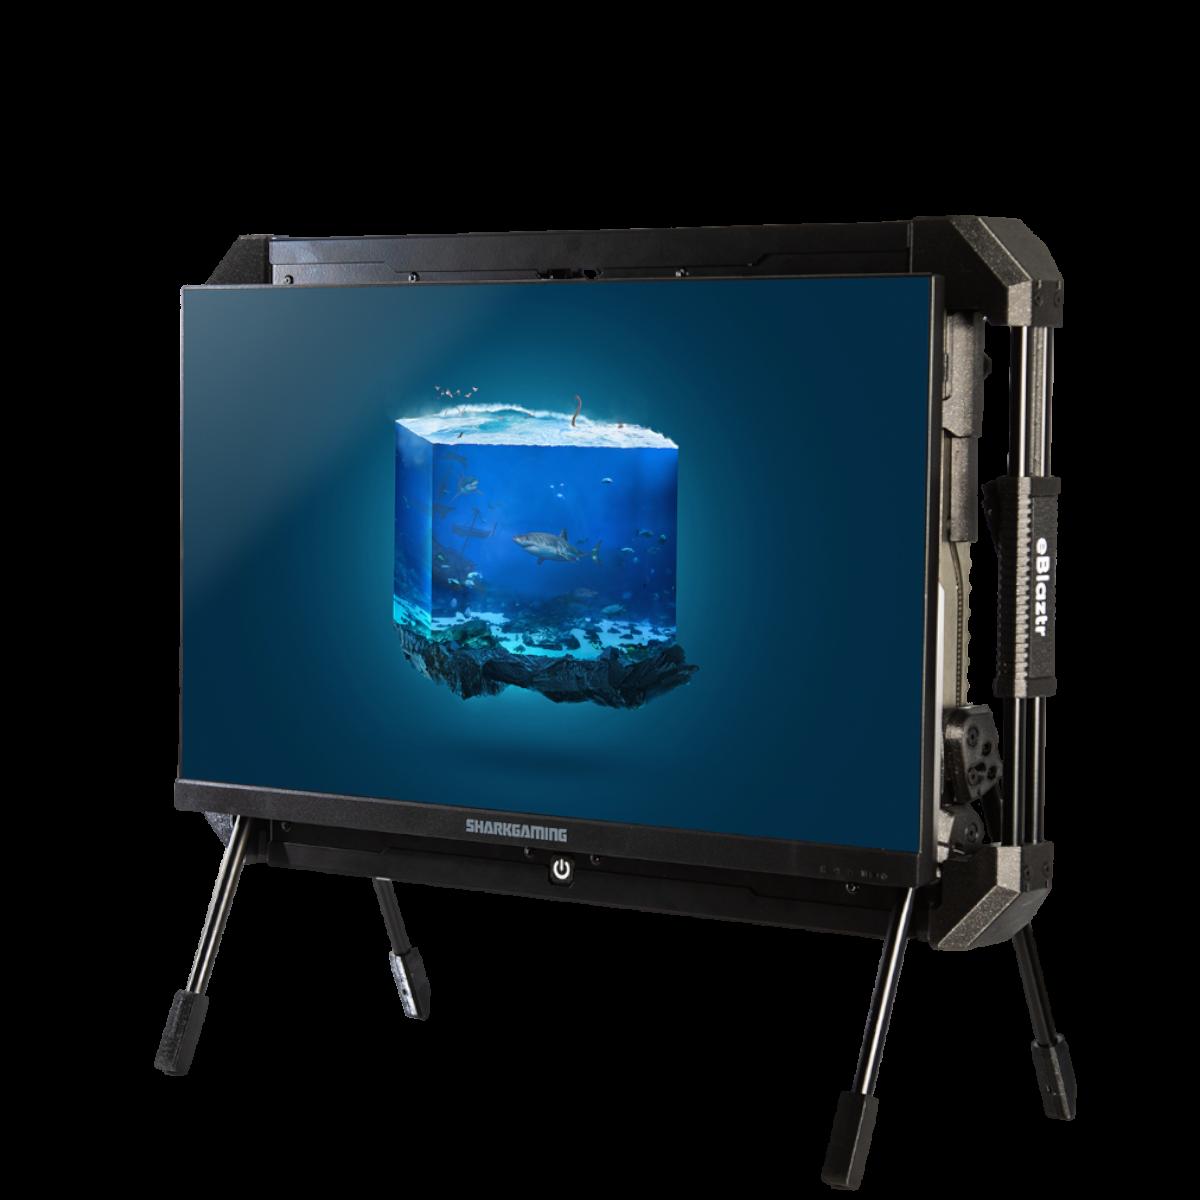 eBlaztr Tiger Shark Gaming PC